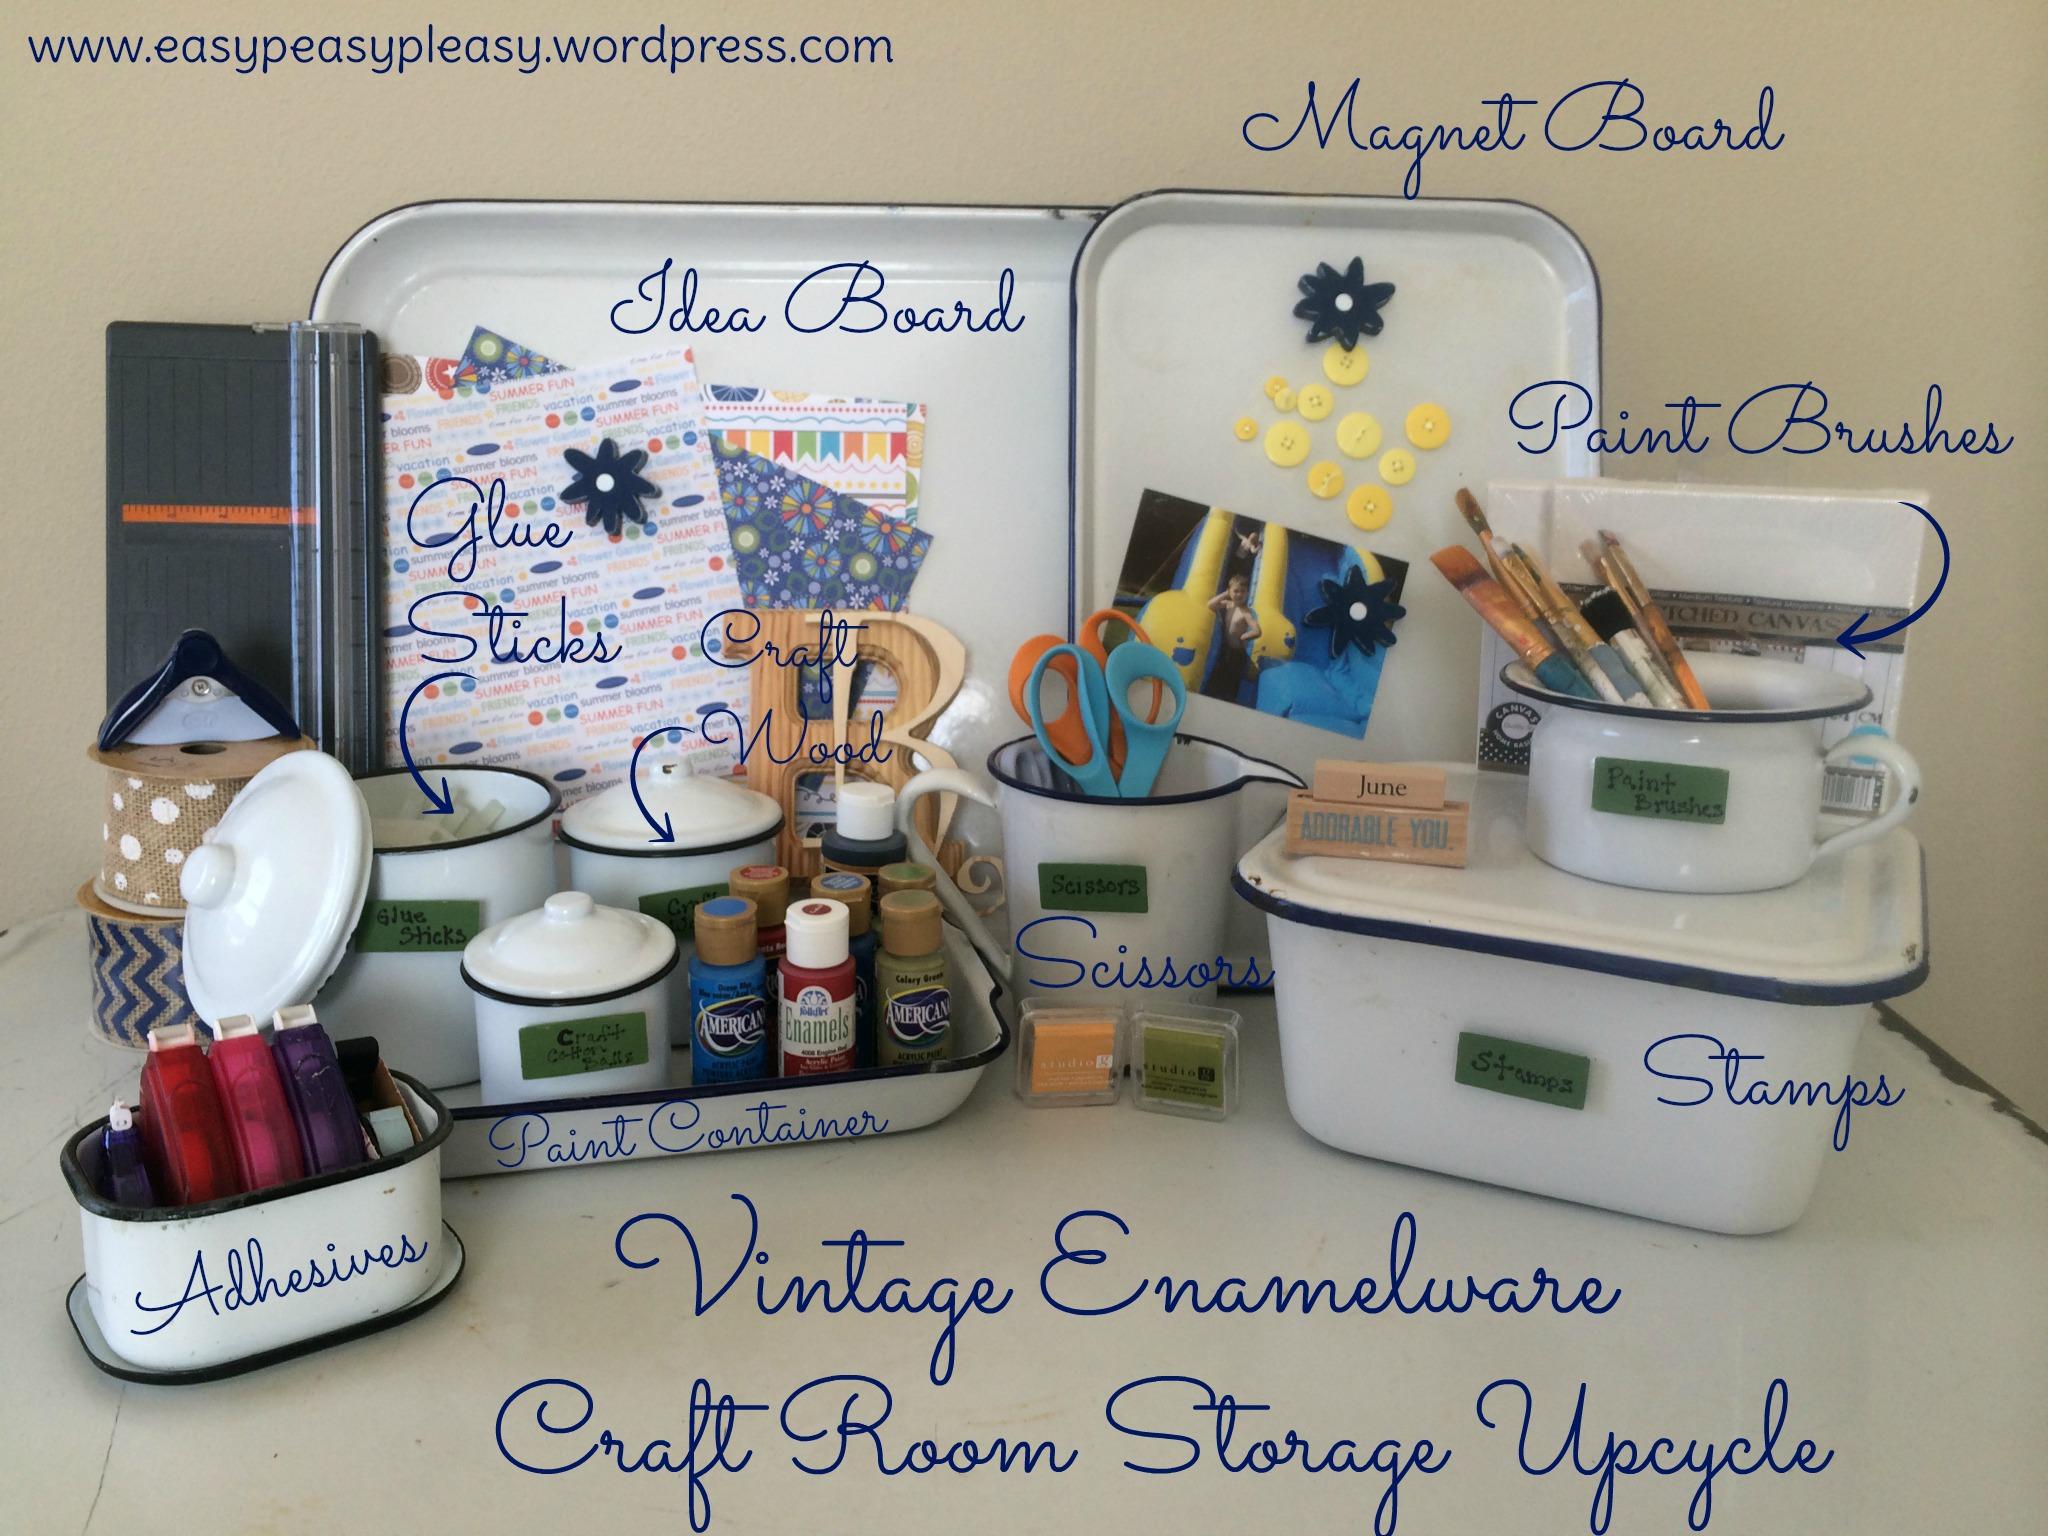 Vintage Enamelware Craft Room Storage Upcycle Ideas at www.easypeasypleasy.wordpress